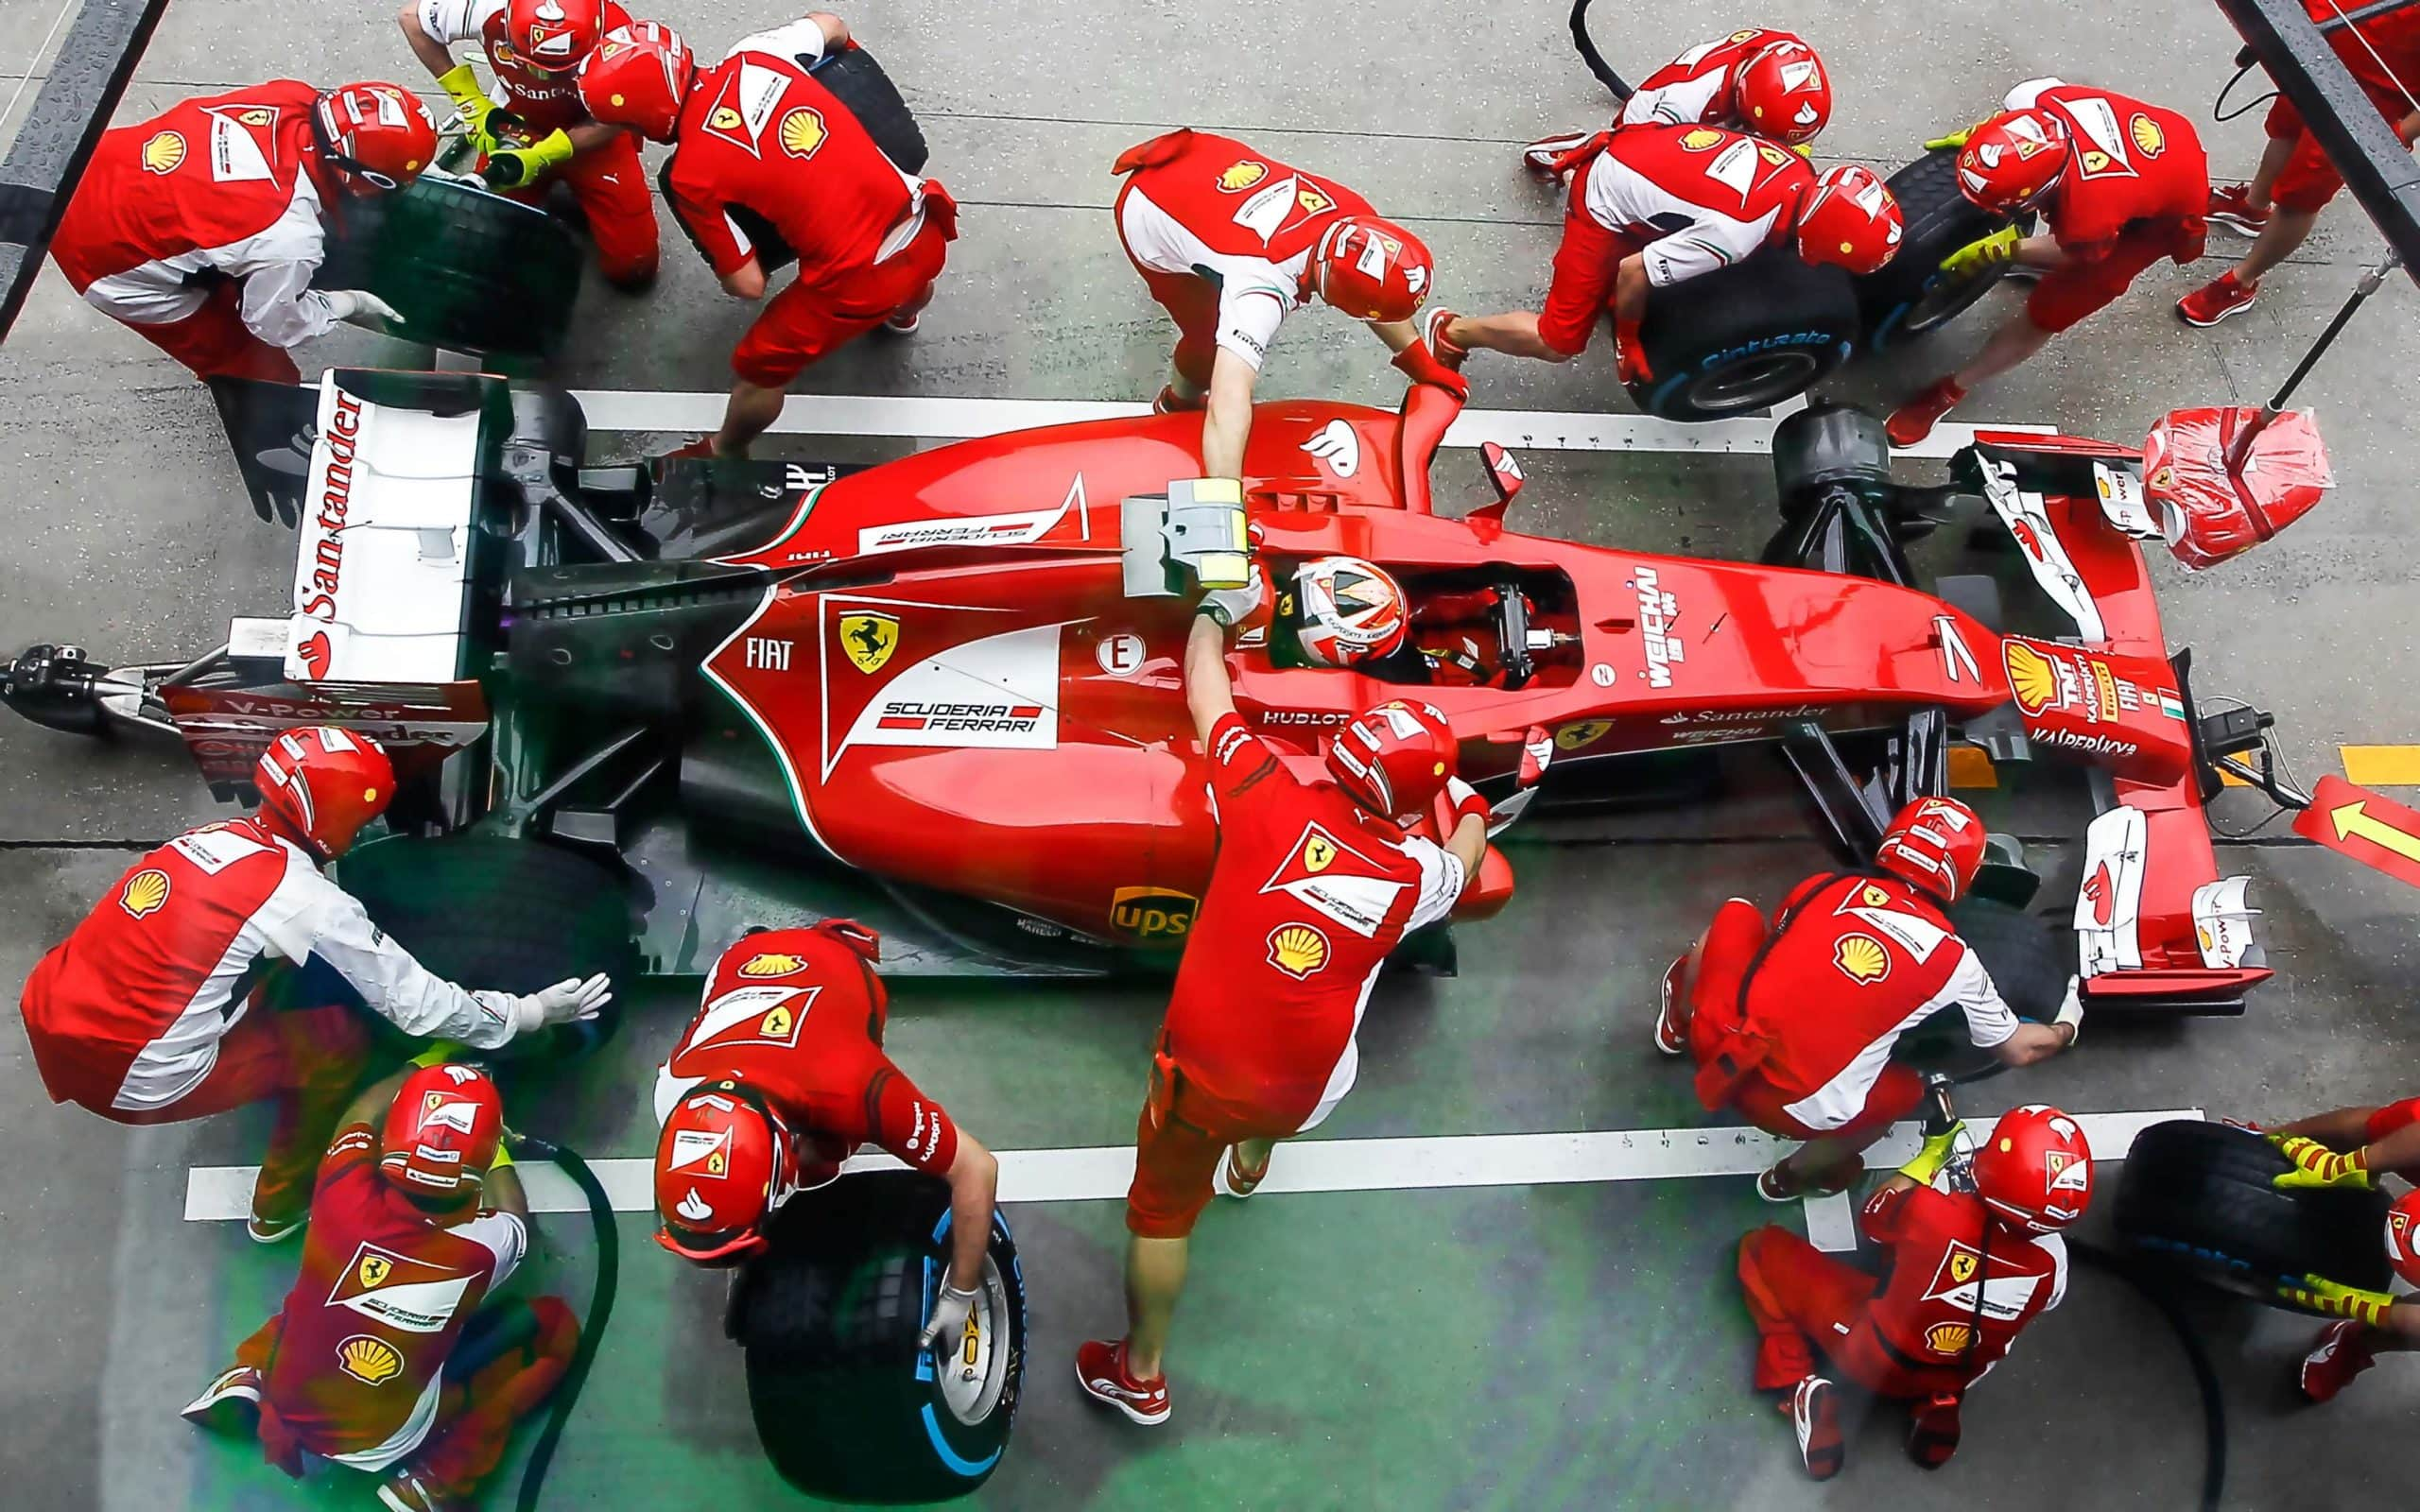 Ein Ferrari der Formel 1 beim Boxenstopp